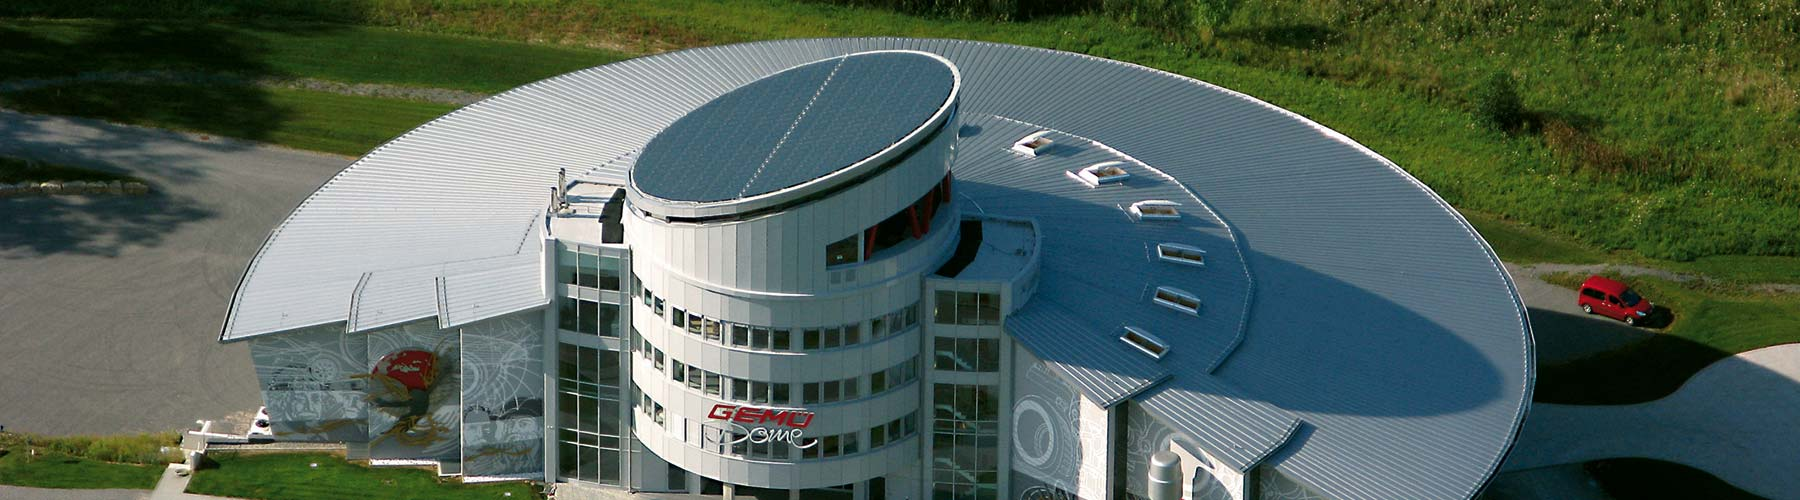 Projekt der Bauflaschnerei Smejkal - Doppelstehfalzdach - Gemü Dome